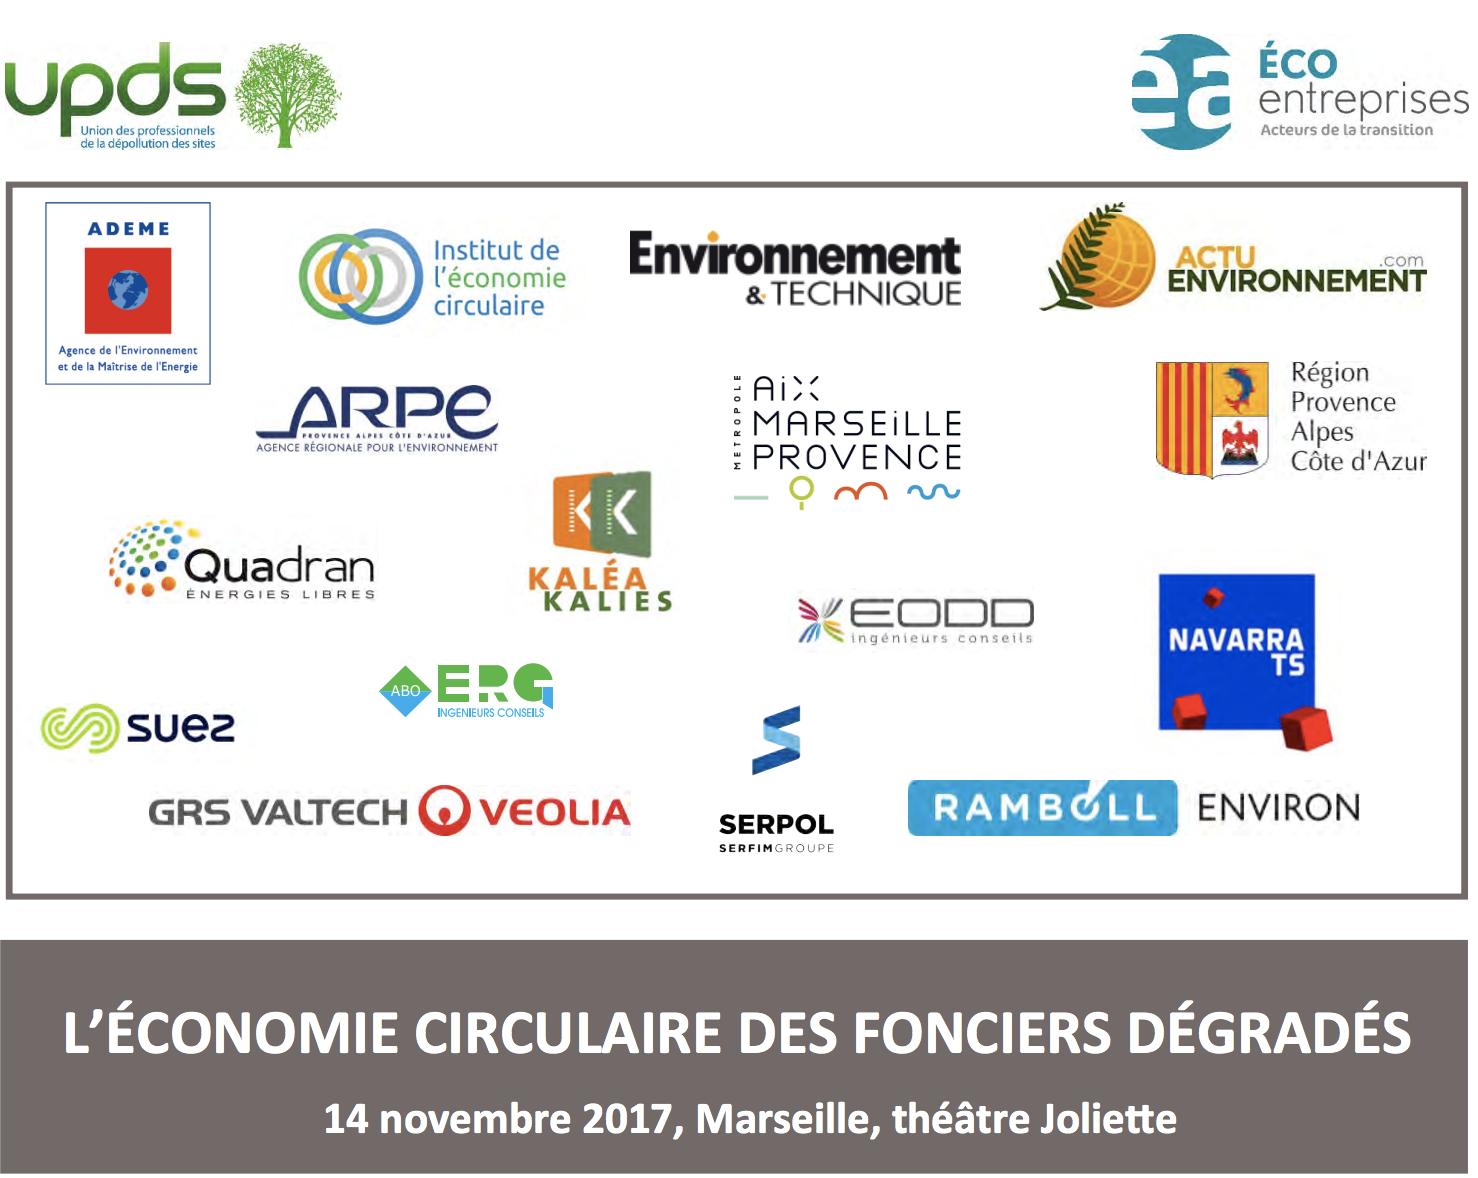 EUROMED II - Anticiper la gestion des sols à passif et favoriser le réemploi des terres excavées - ERG ENVIRONNEMENT, BRGM, EPA EUROMED - 2017